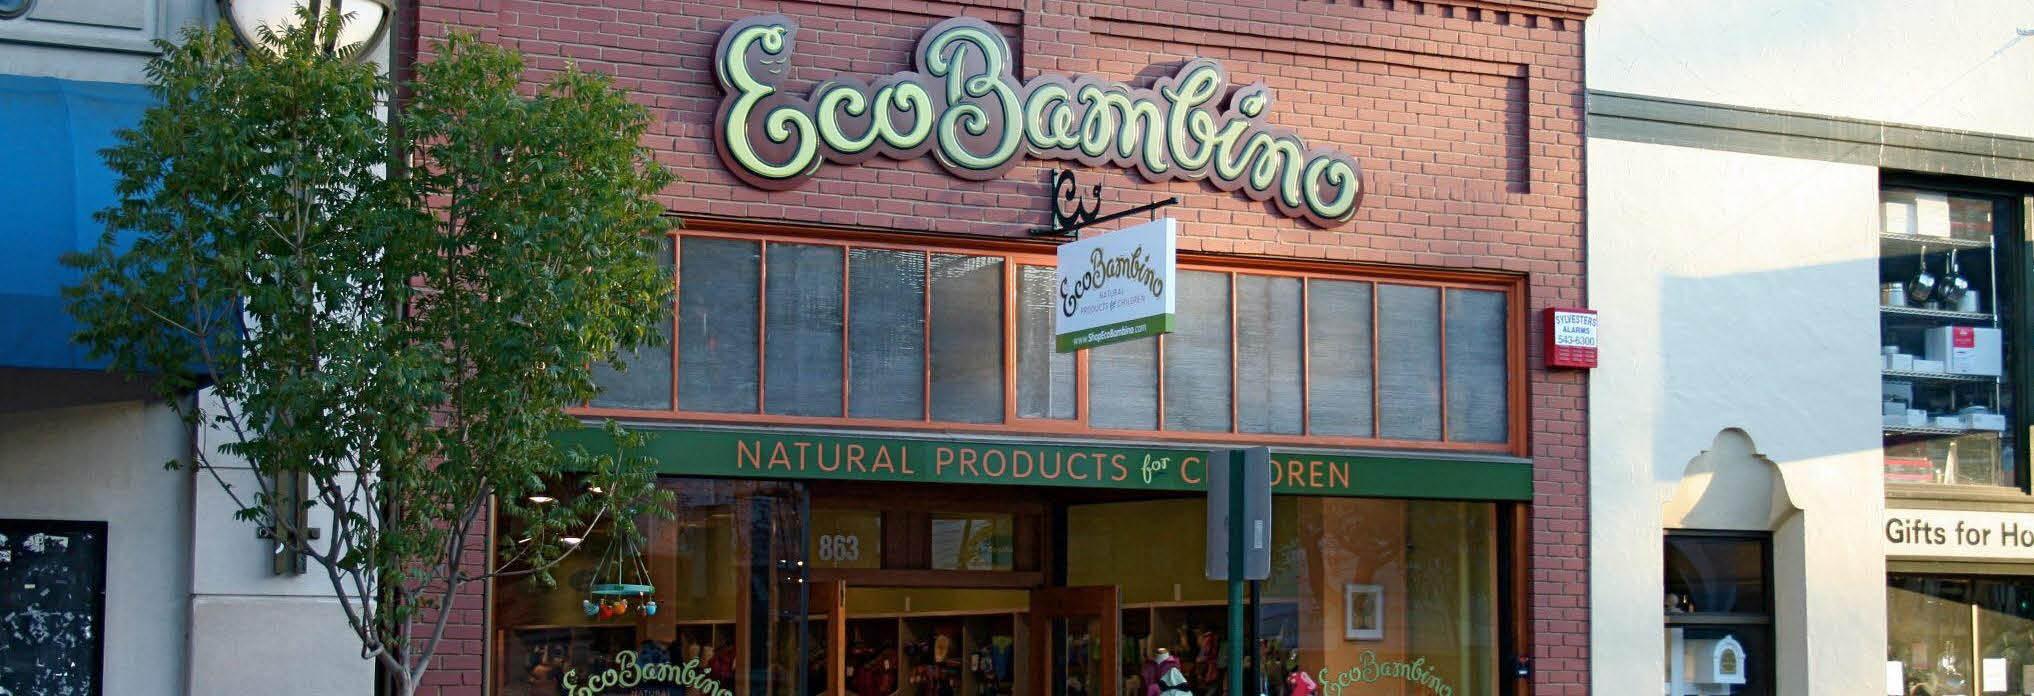 EcoBambino children's store San Luis Obispo CA banner